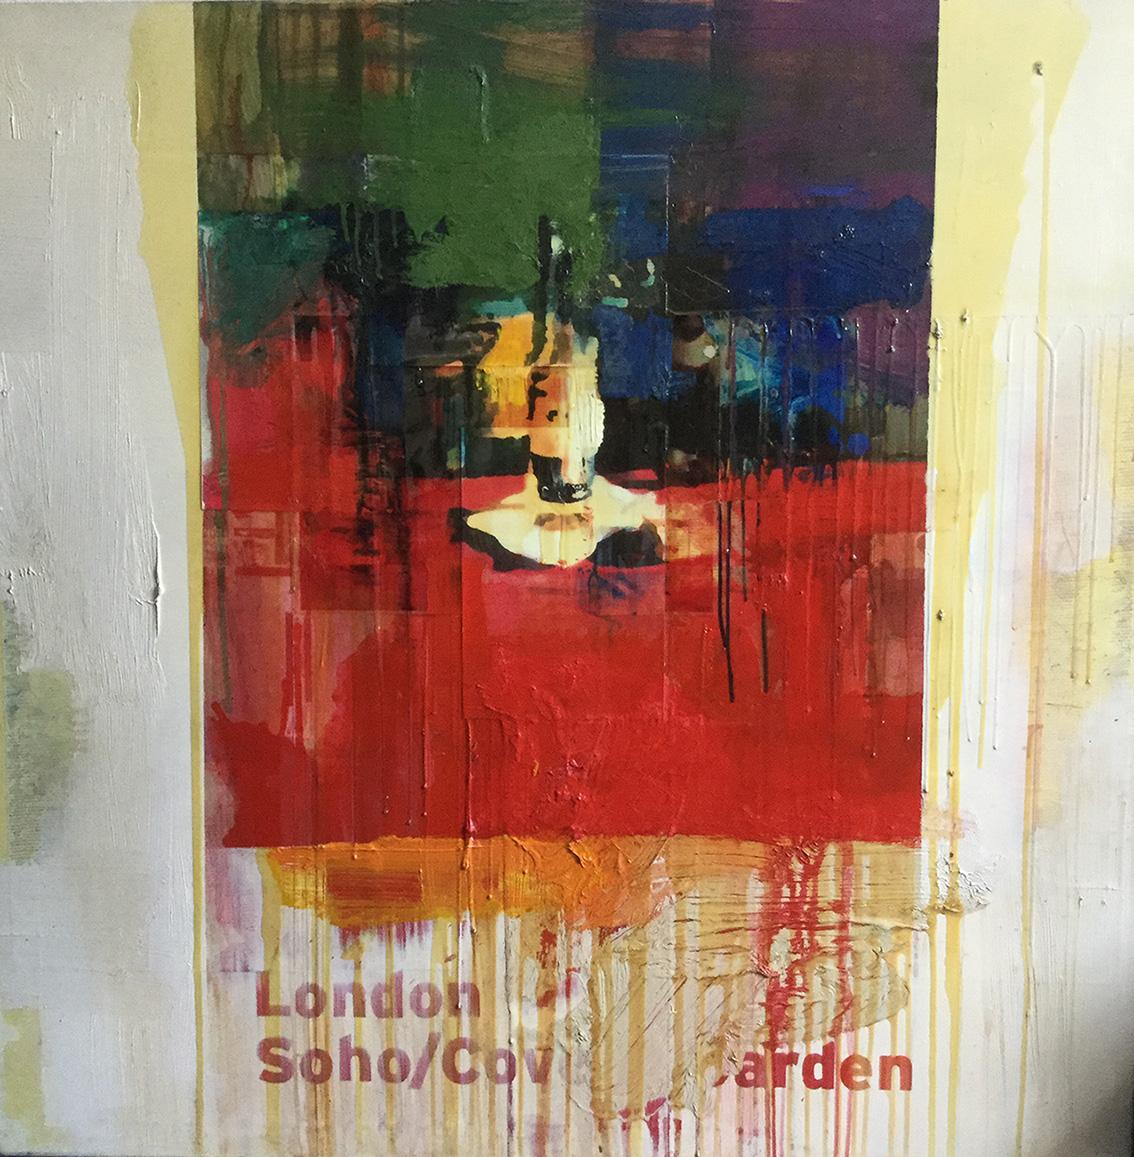 Peter Vahlefeld | Entitled London, Covent Garden, Soho